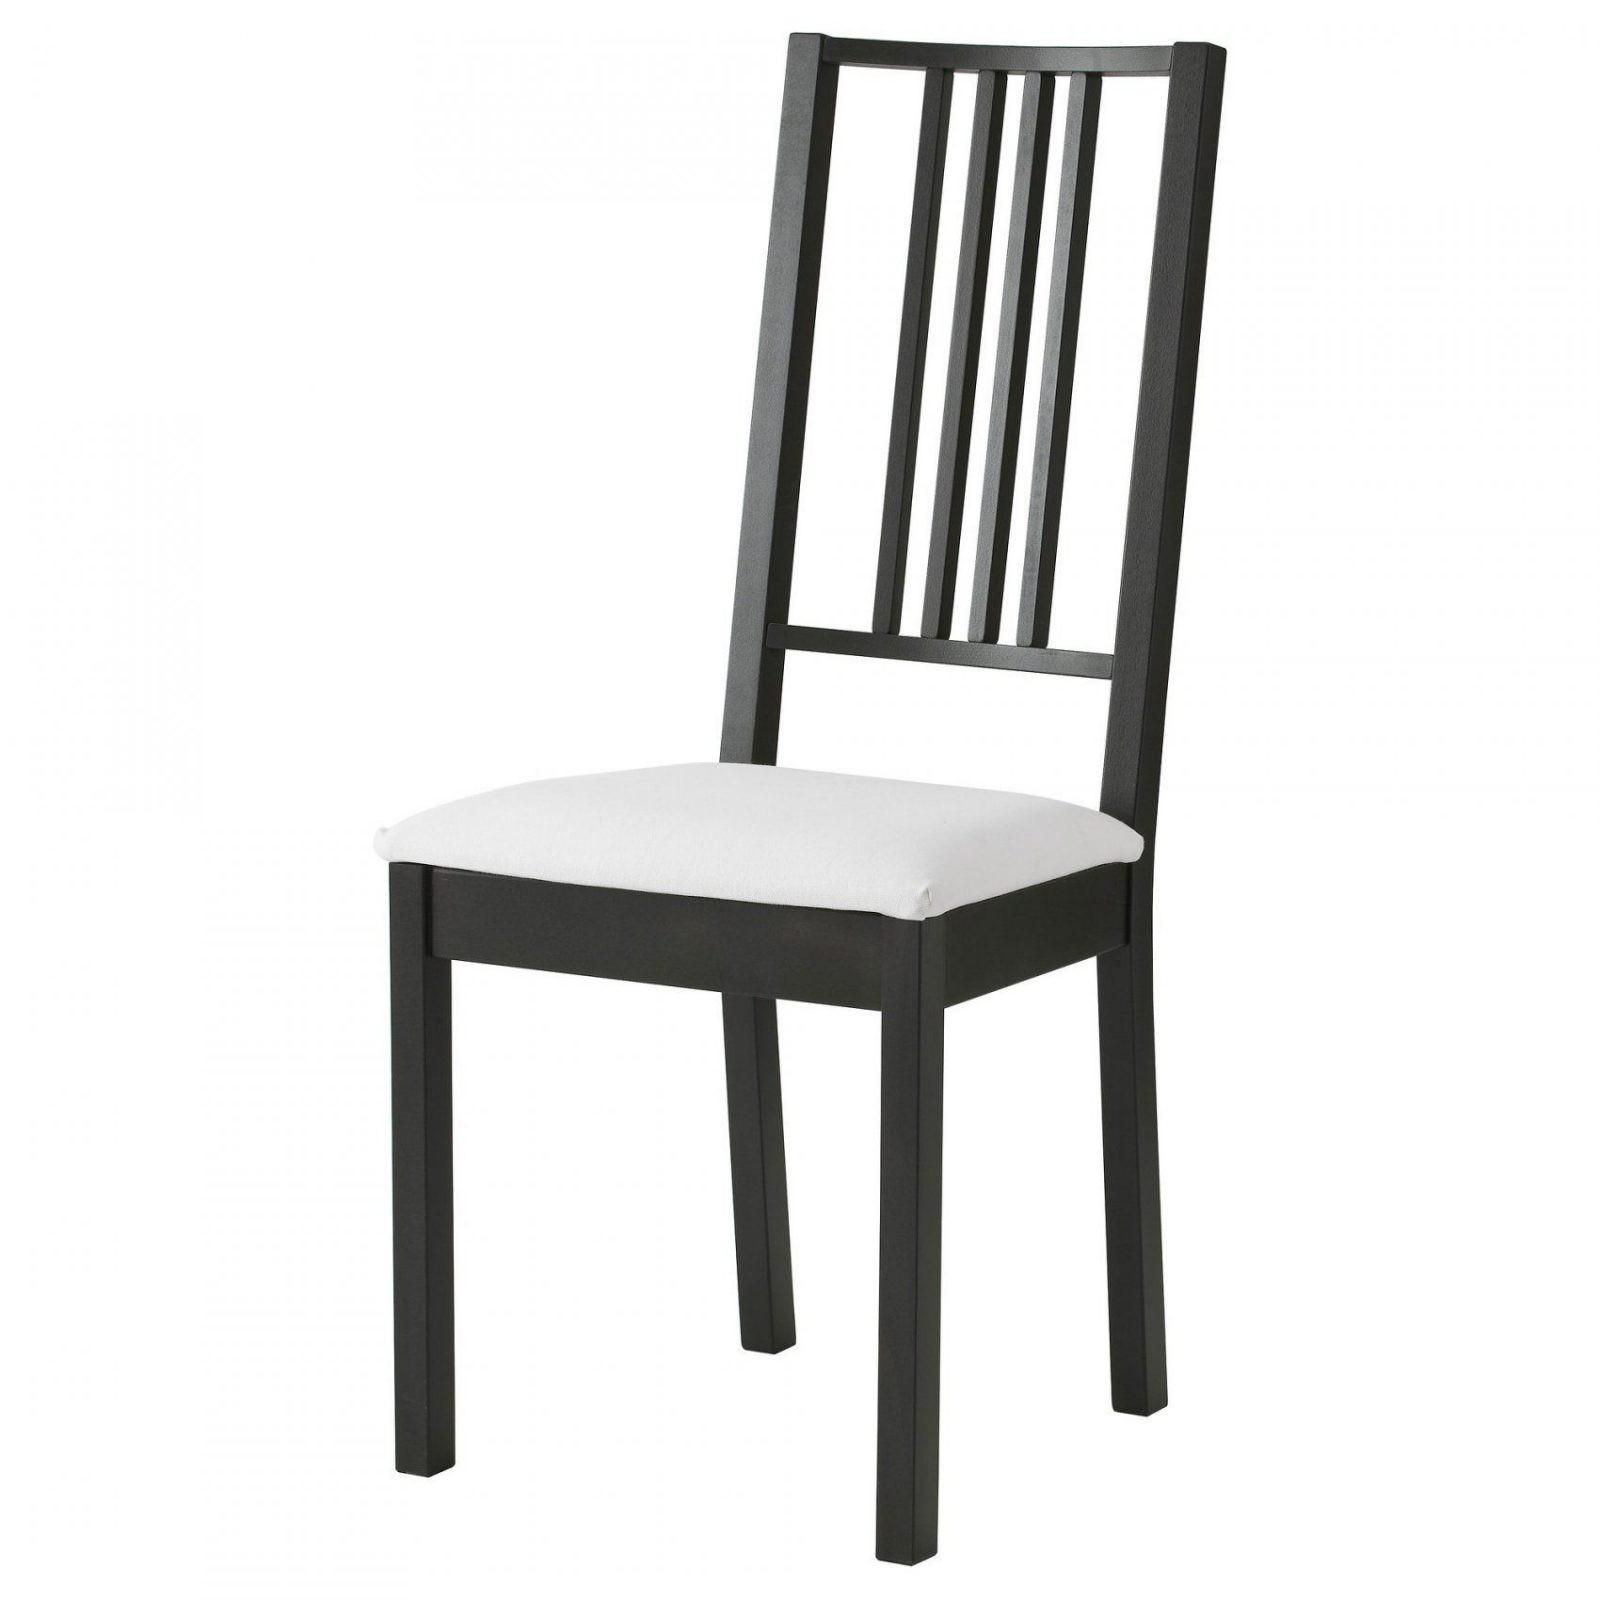 Esszimmer Ideen Entzückend Esszimmerstühle Ikea Design Graziös von Ikea Stühle Mit Armlehne Bild